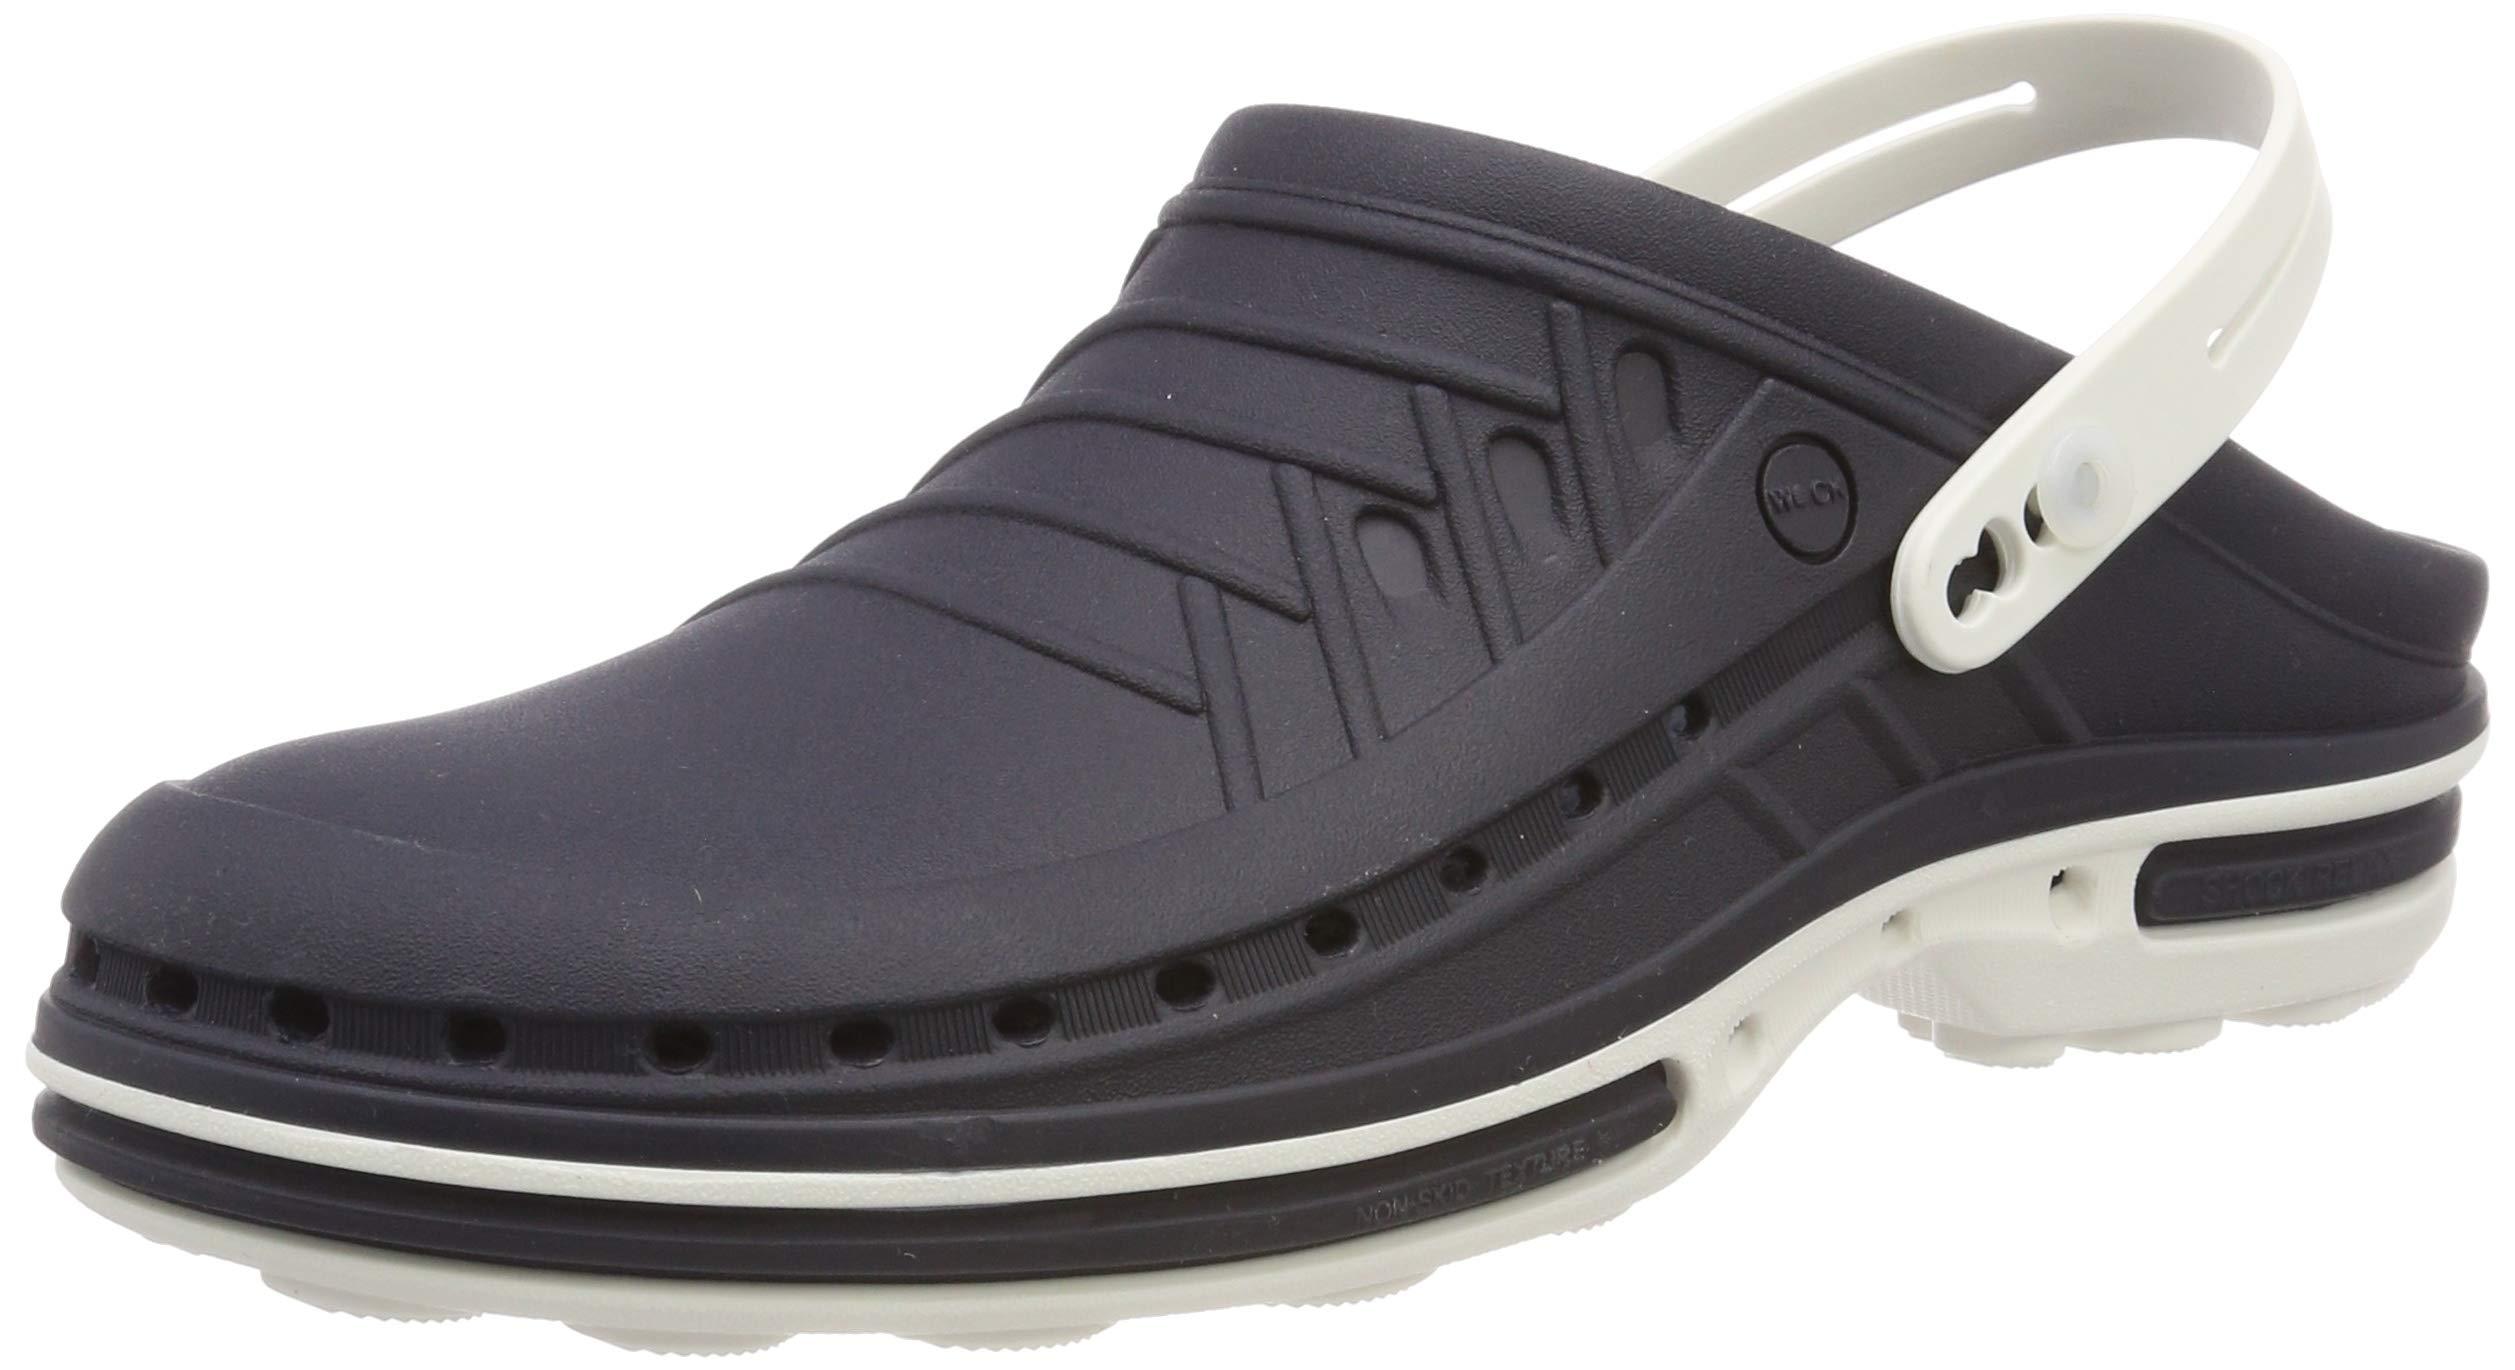 Blanc Eu Chung 03 Shi 44 Chaussures WStrap Wock Clog Navy bleu 43 cRq4L35AjS